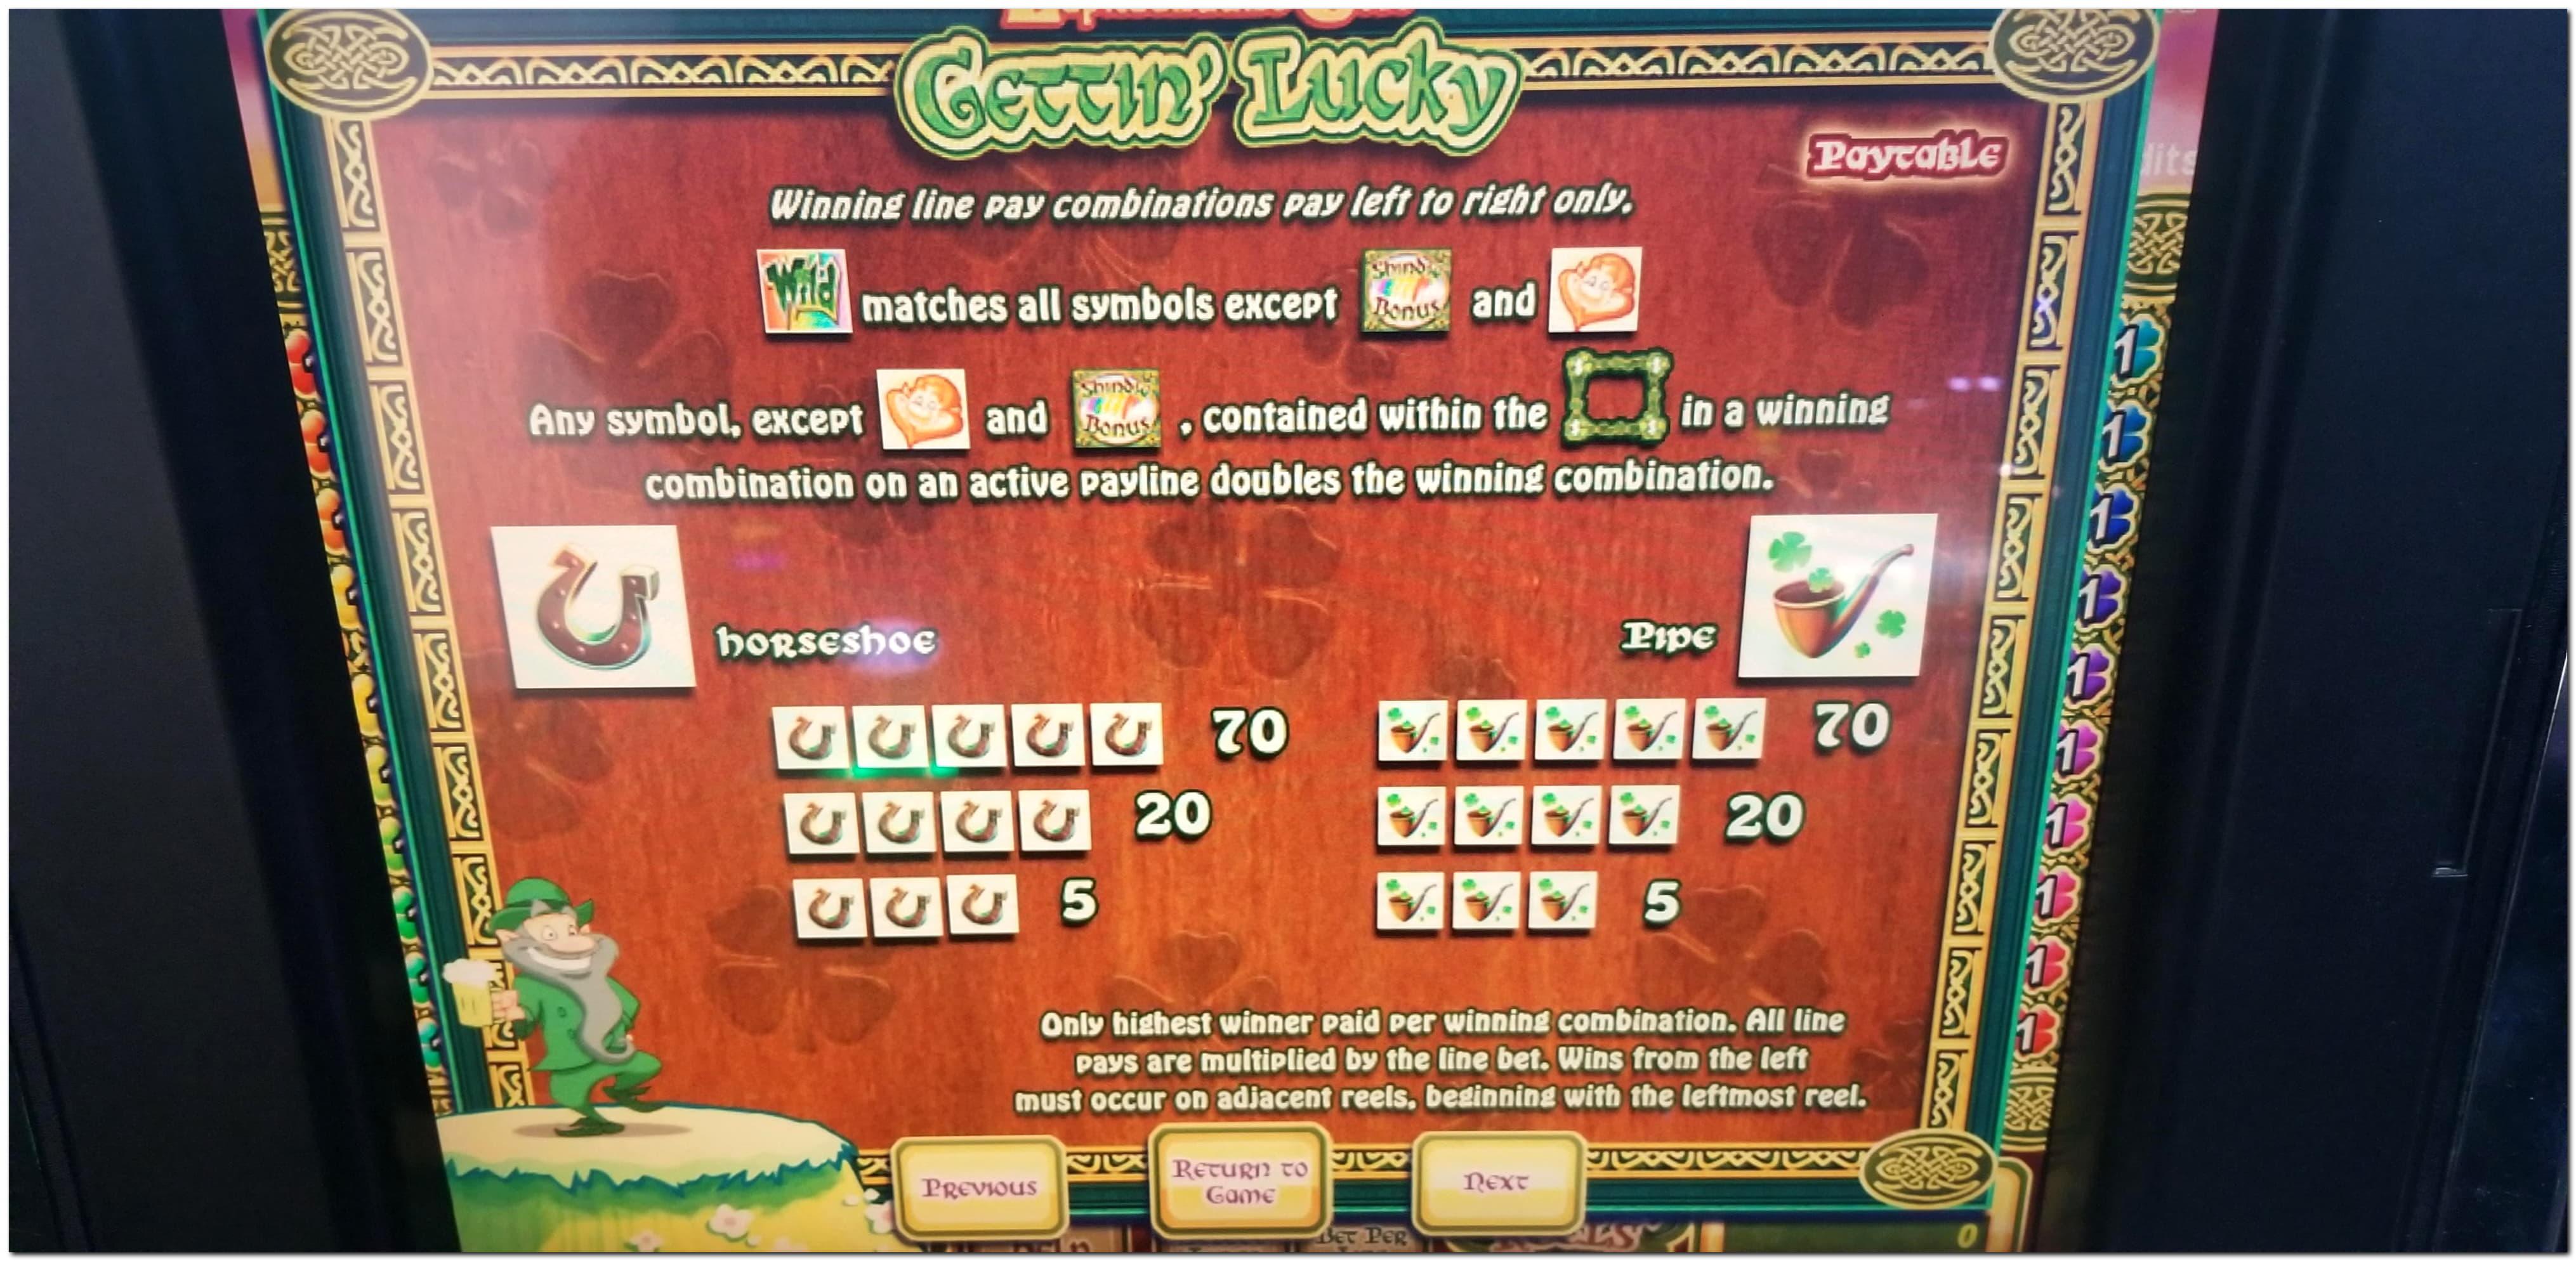 bonus deposit codes no casino 2016 netbet